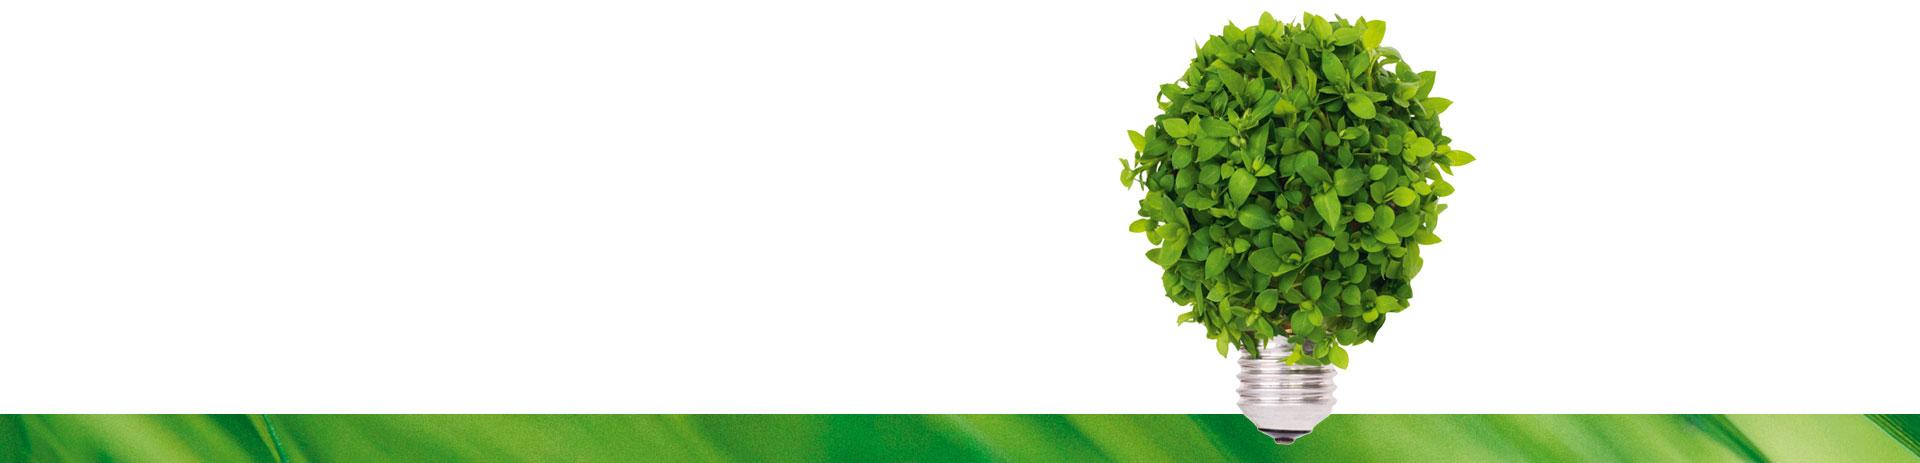 Glühbirne, die gänzlich mit grünen Blättern bedeckt ist